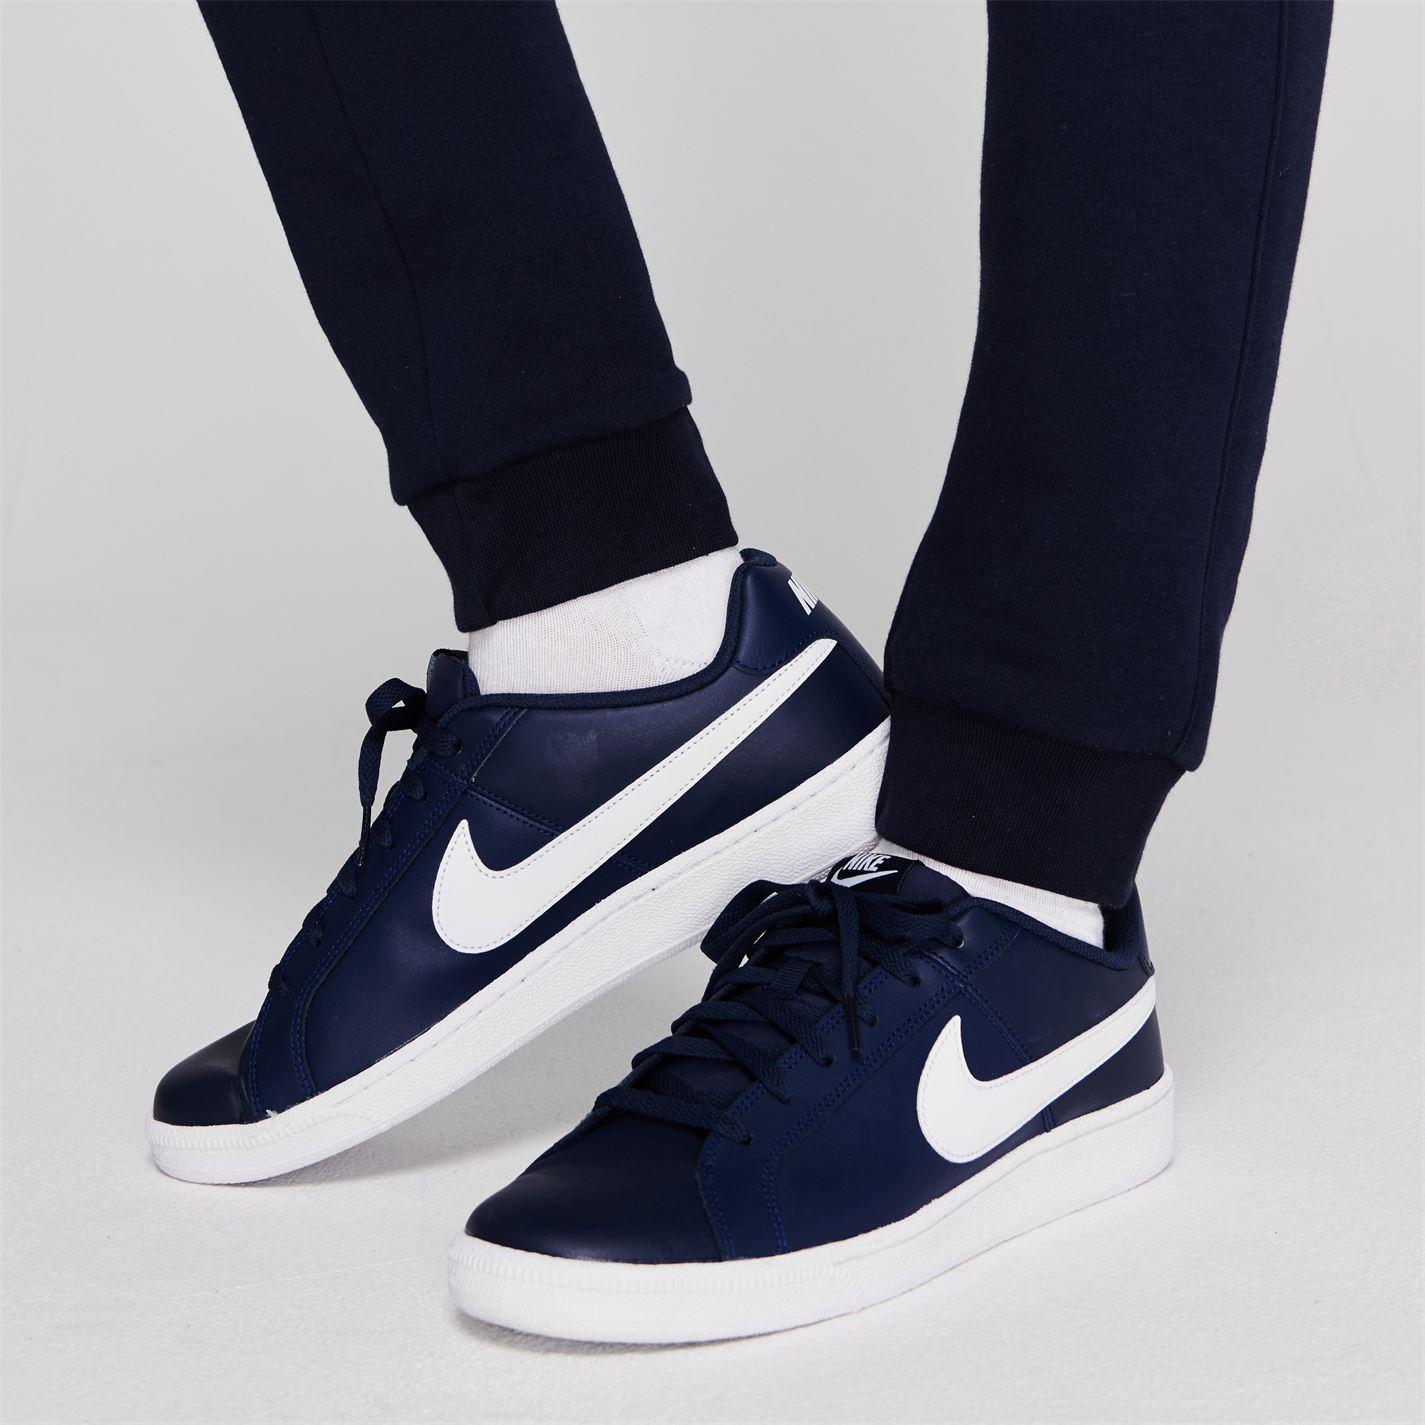 tumor Correo aéreo acción  Zapatillas para hombre Nike Court Royale Azul Marino/Blanco Informal  Calzado Con Cordones | eBay